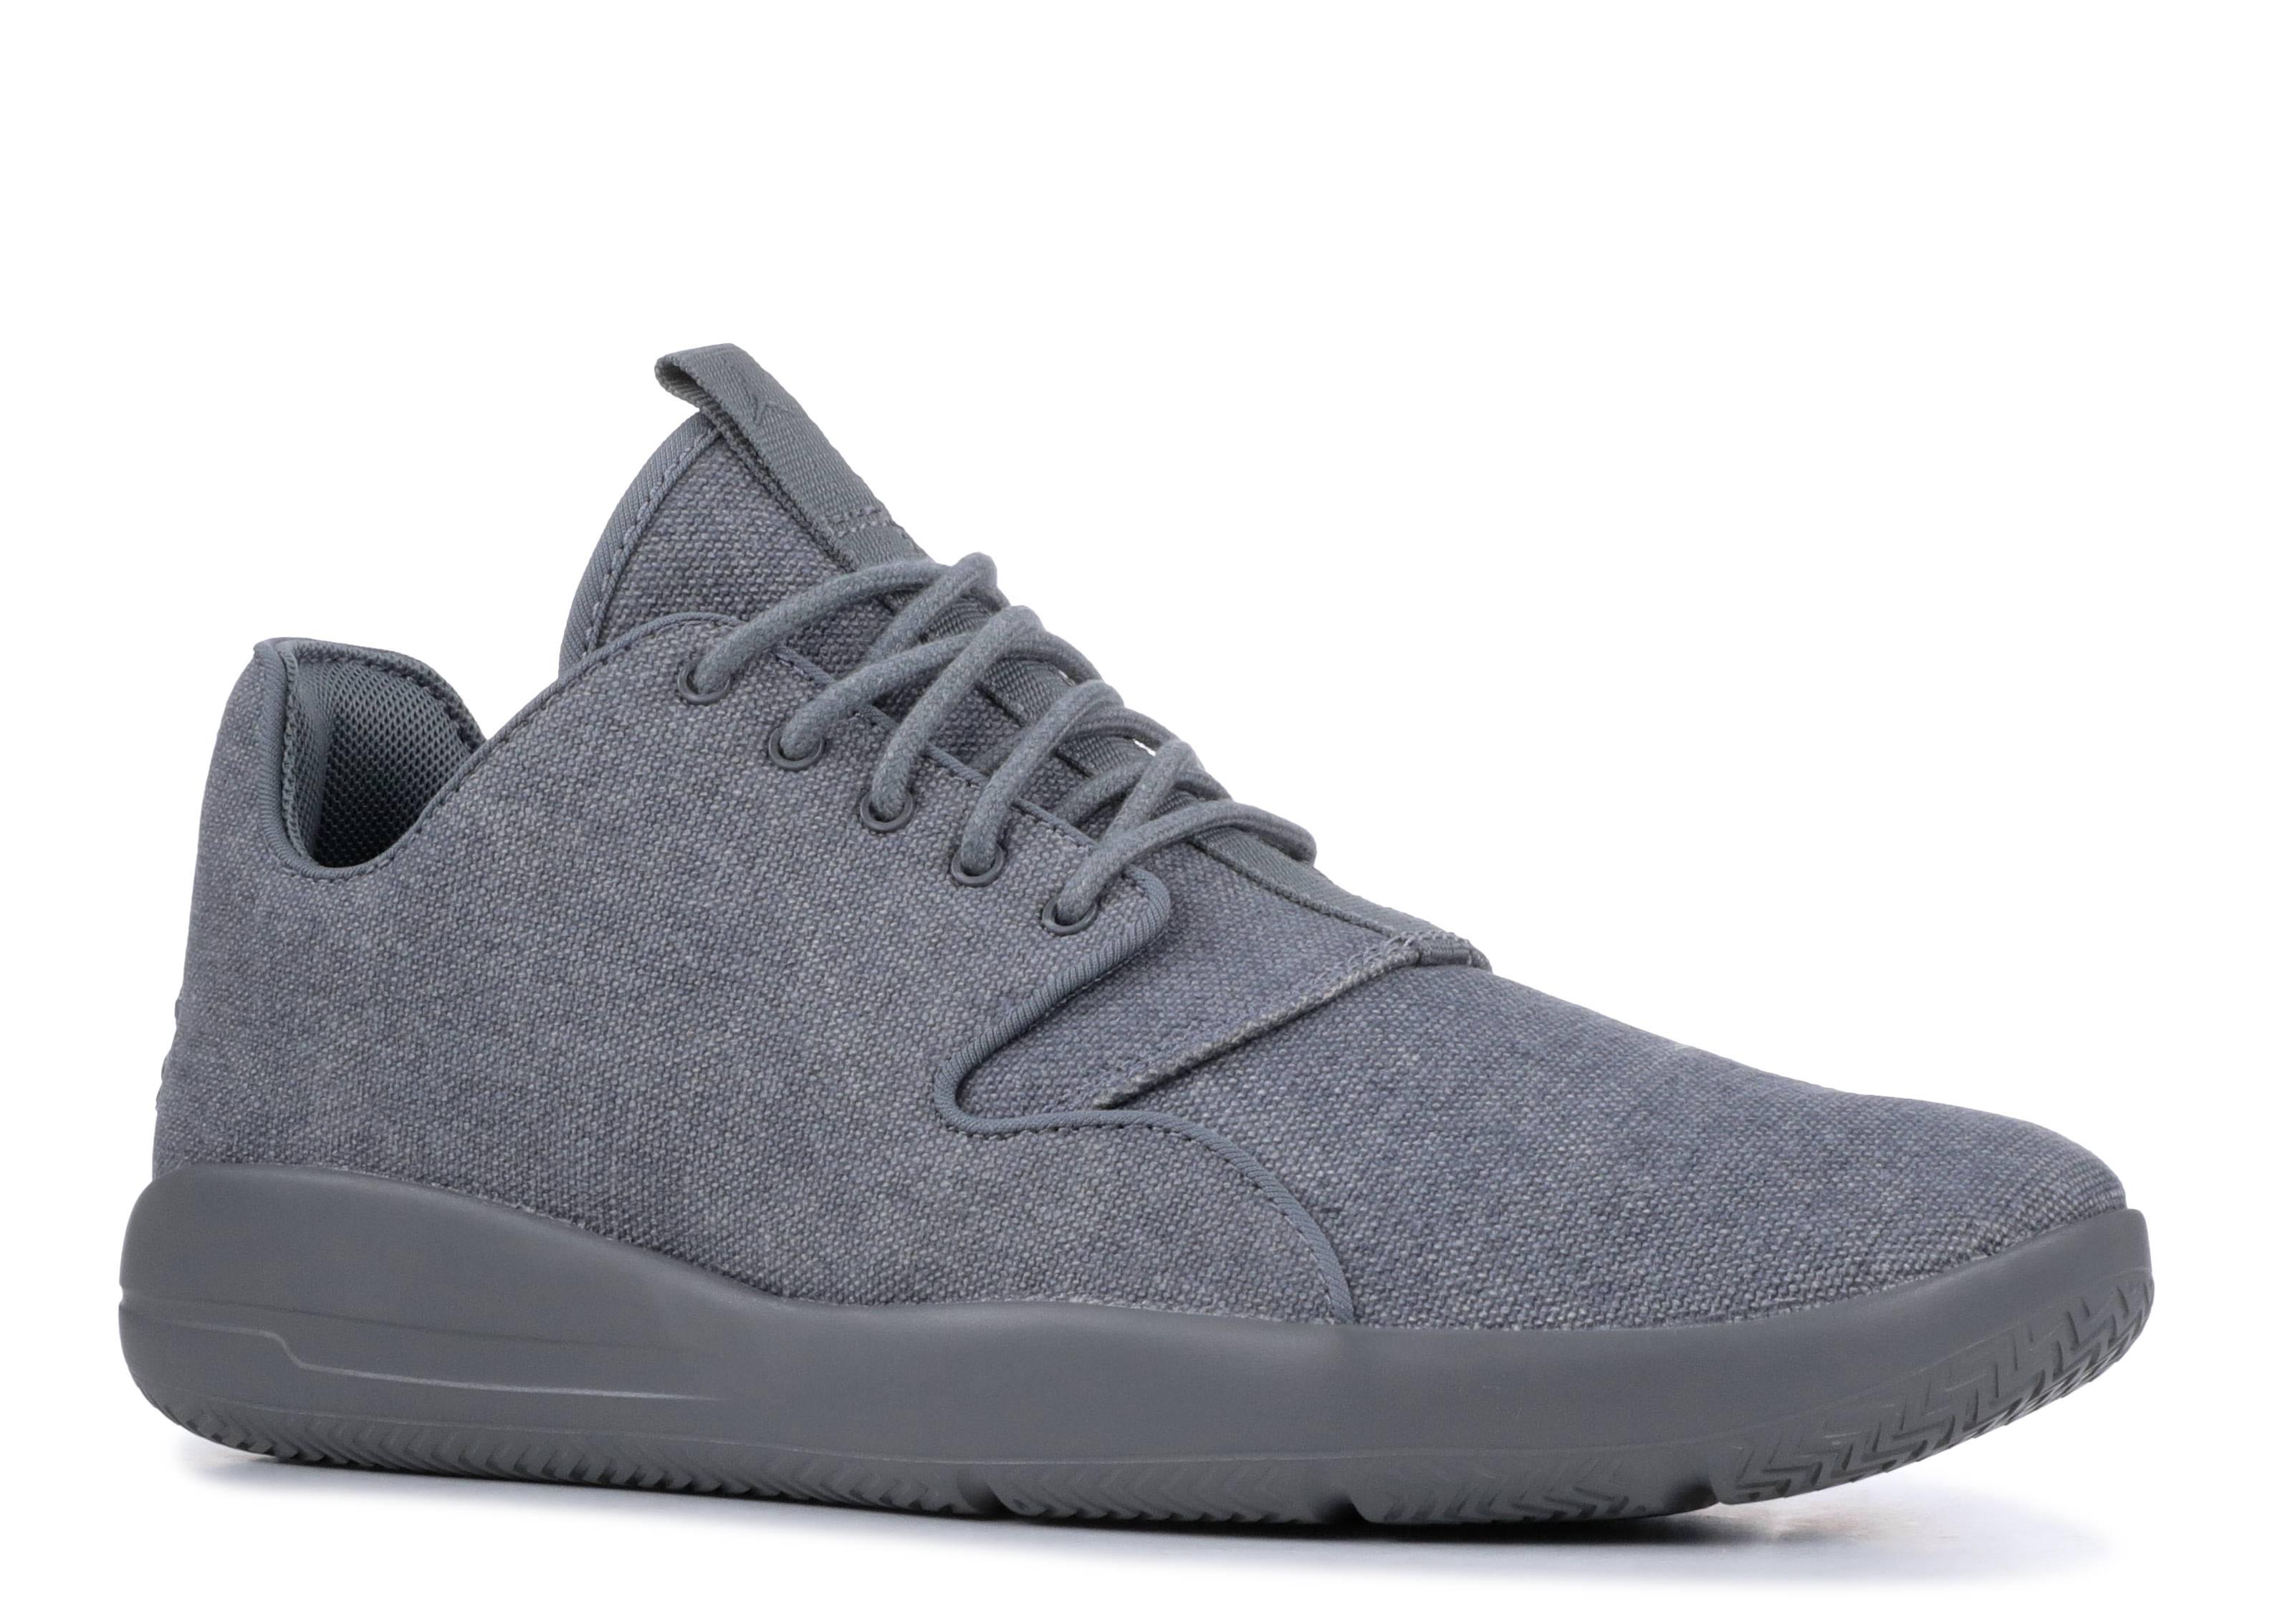 b68ba7e9b6c Jordan Eclipse - Air Jordan - 724010 024 - cool grey cool grey ...